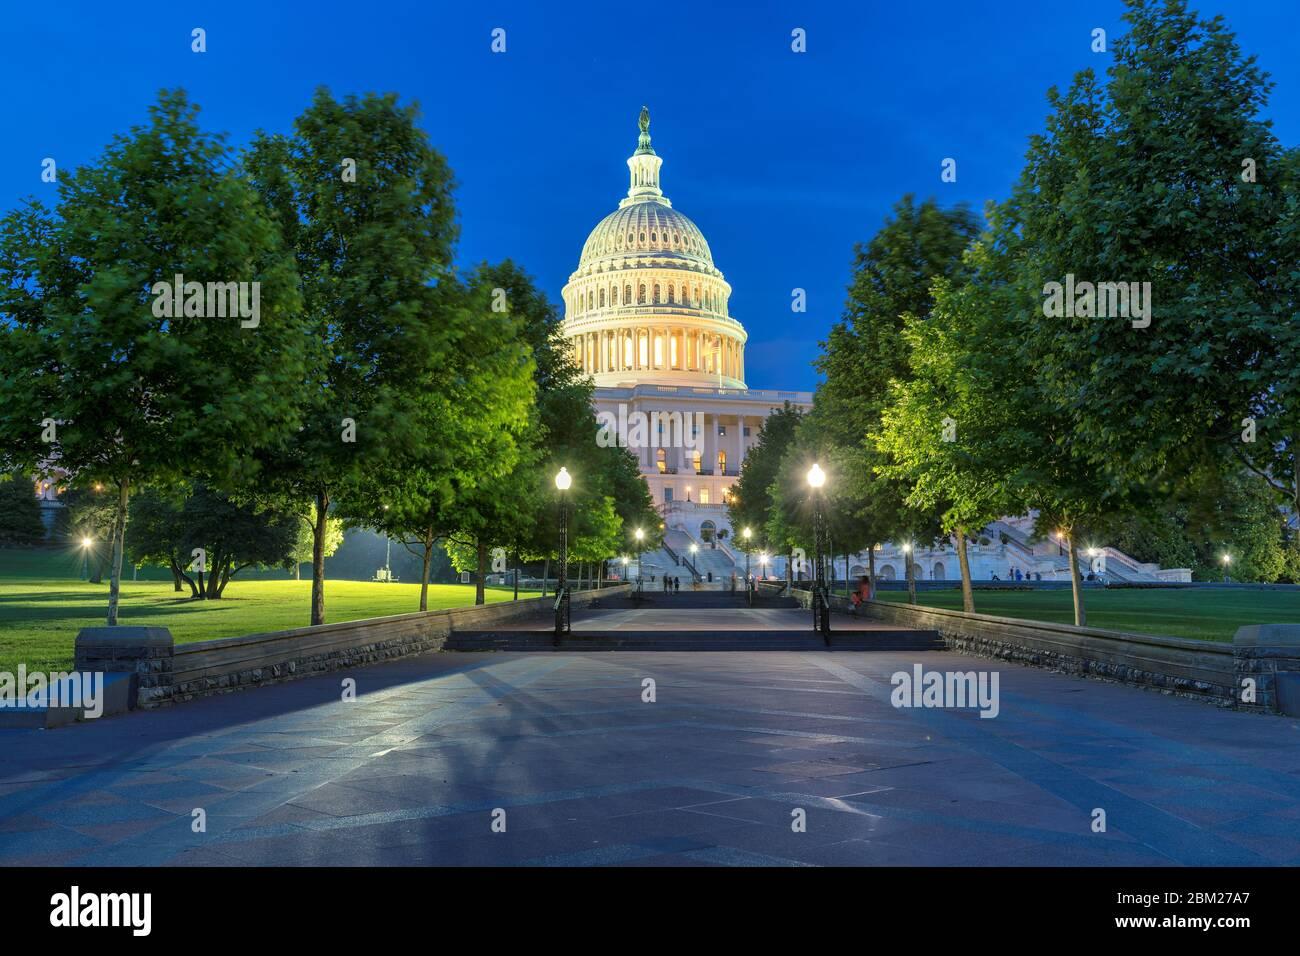 Bâtiment DU Capitole DES ÉTATS-UNIS la nuit, Washington DC Banque D'Images